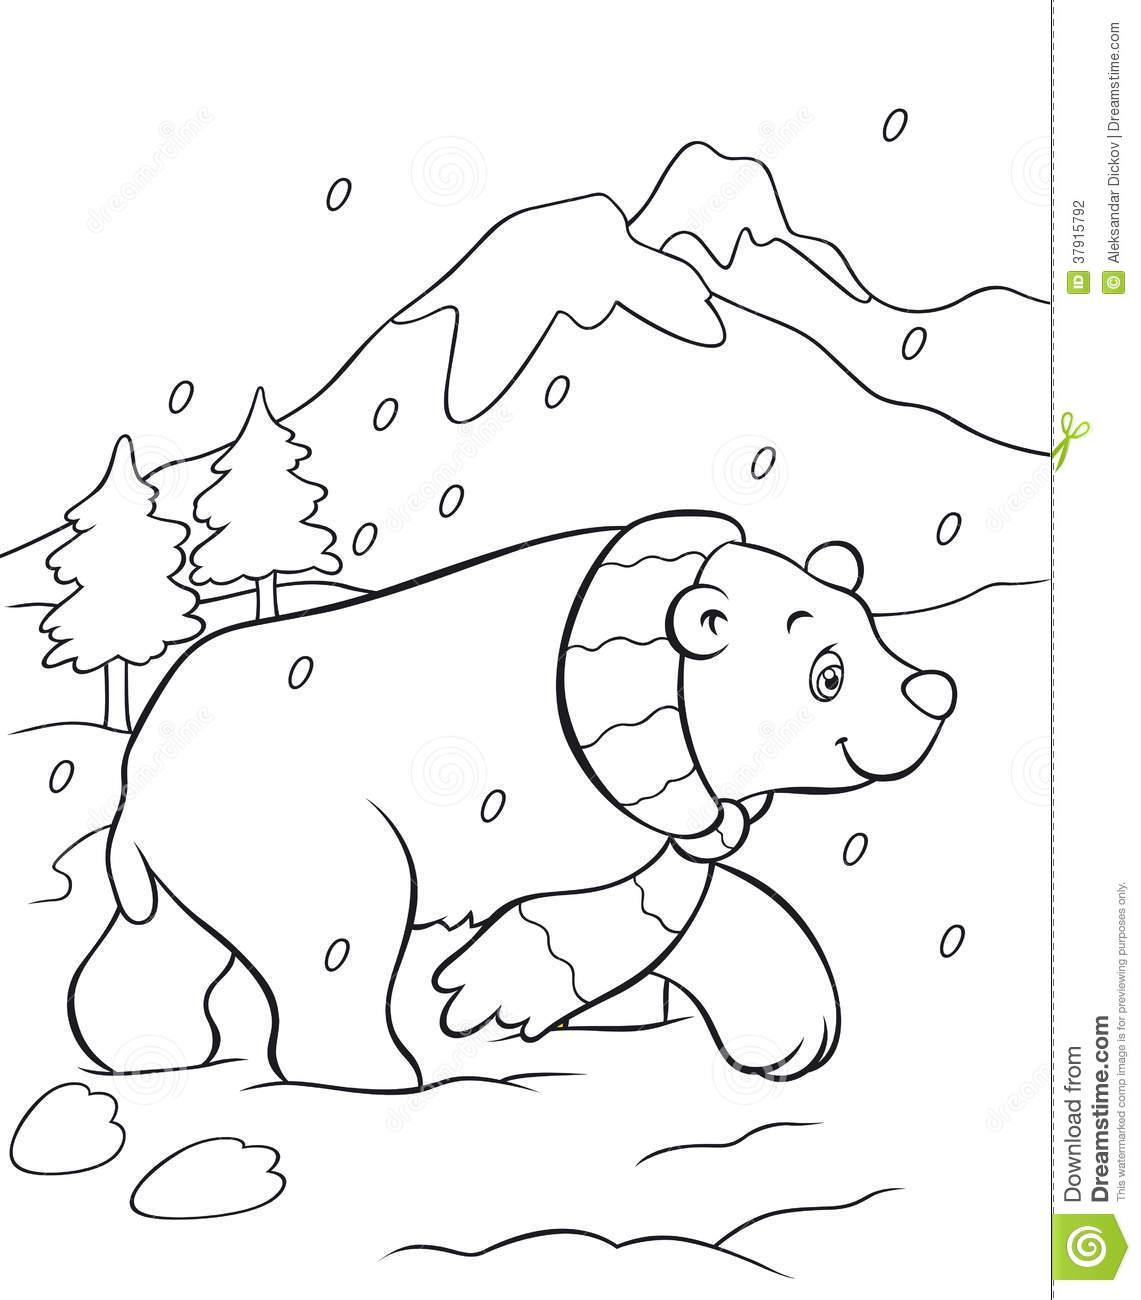 16 dessins de coloriage ours polaire en ligne  u00e0 imprimer